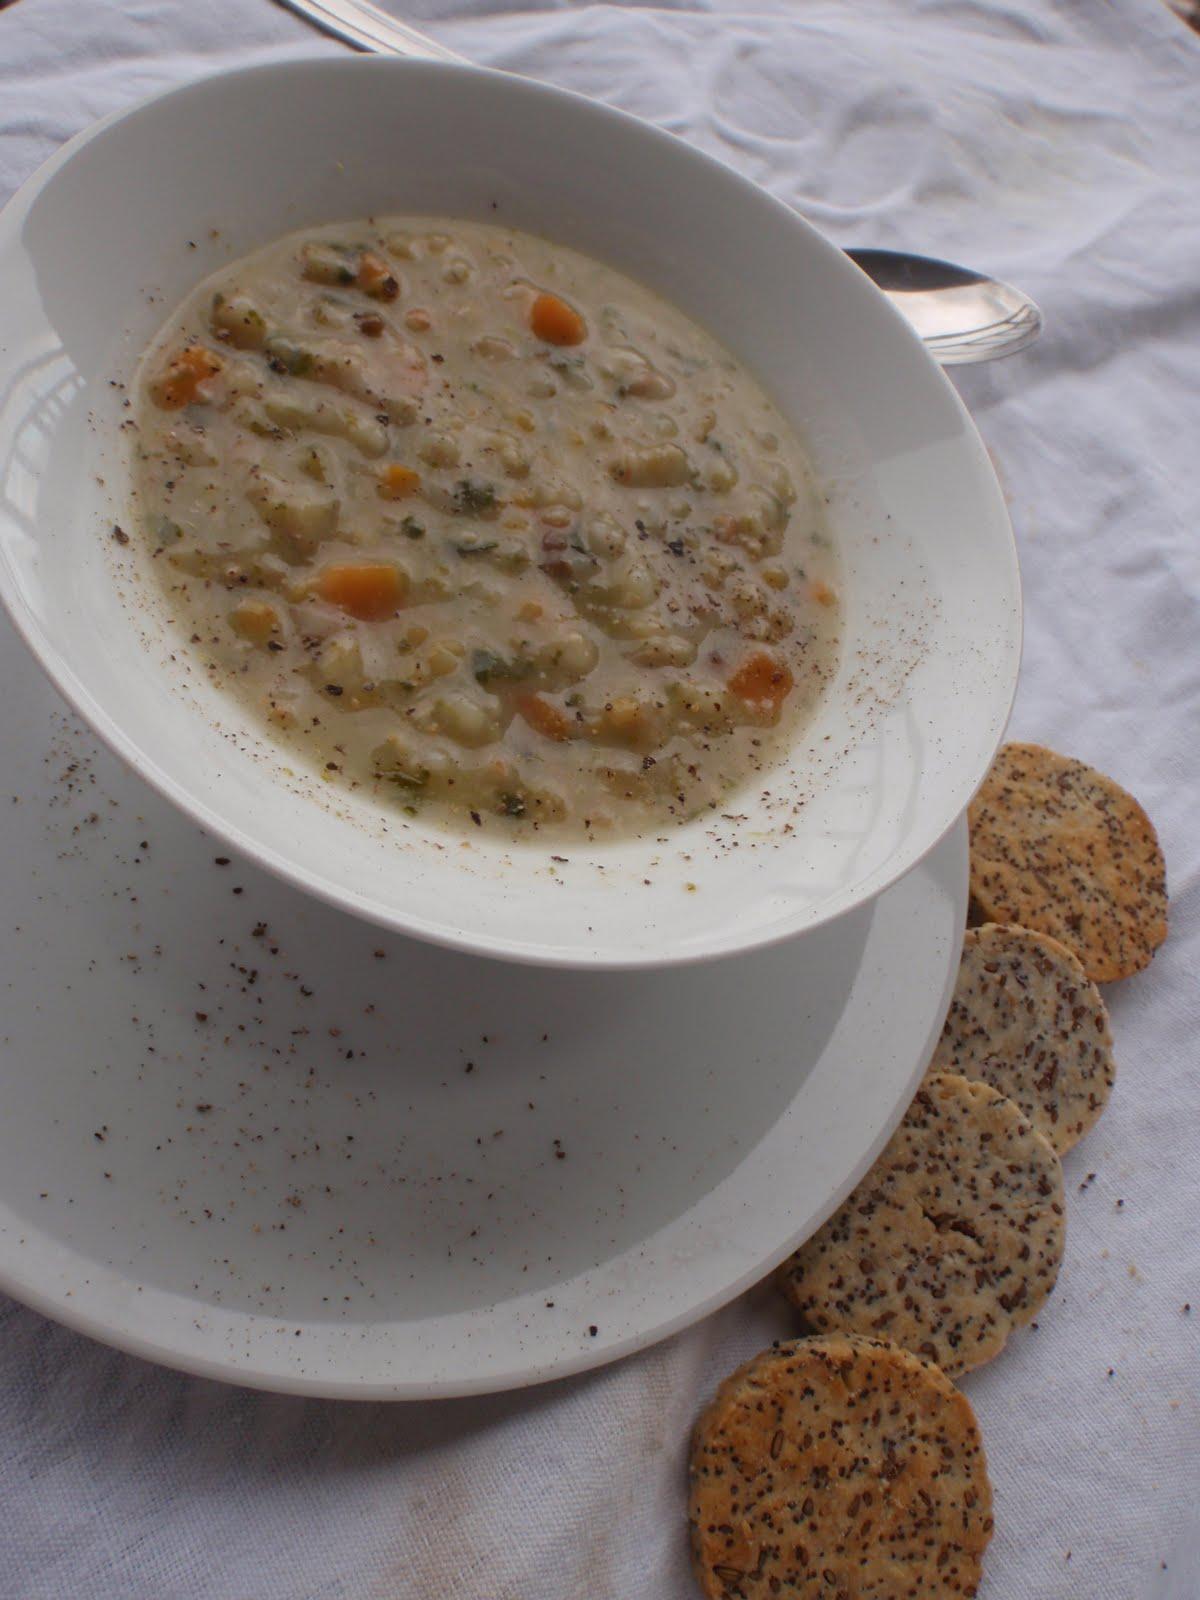 Zuppa di legumi e cereali alessandra ruggeri